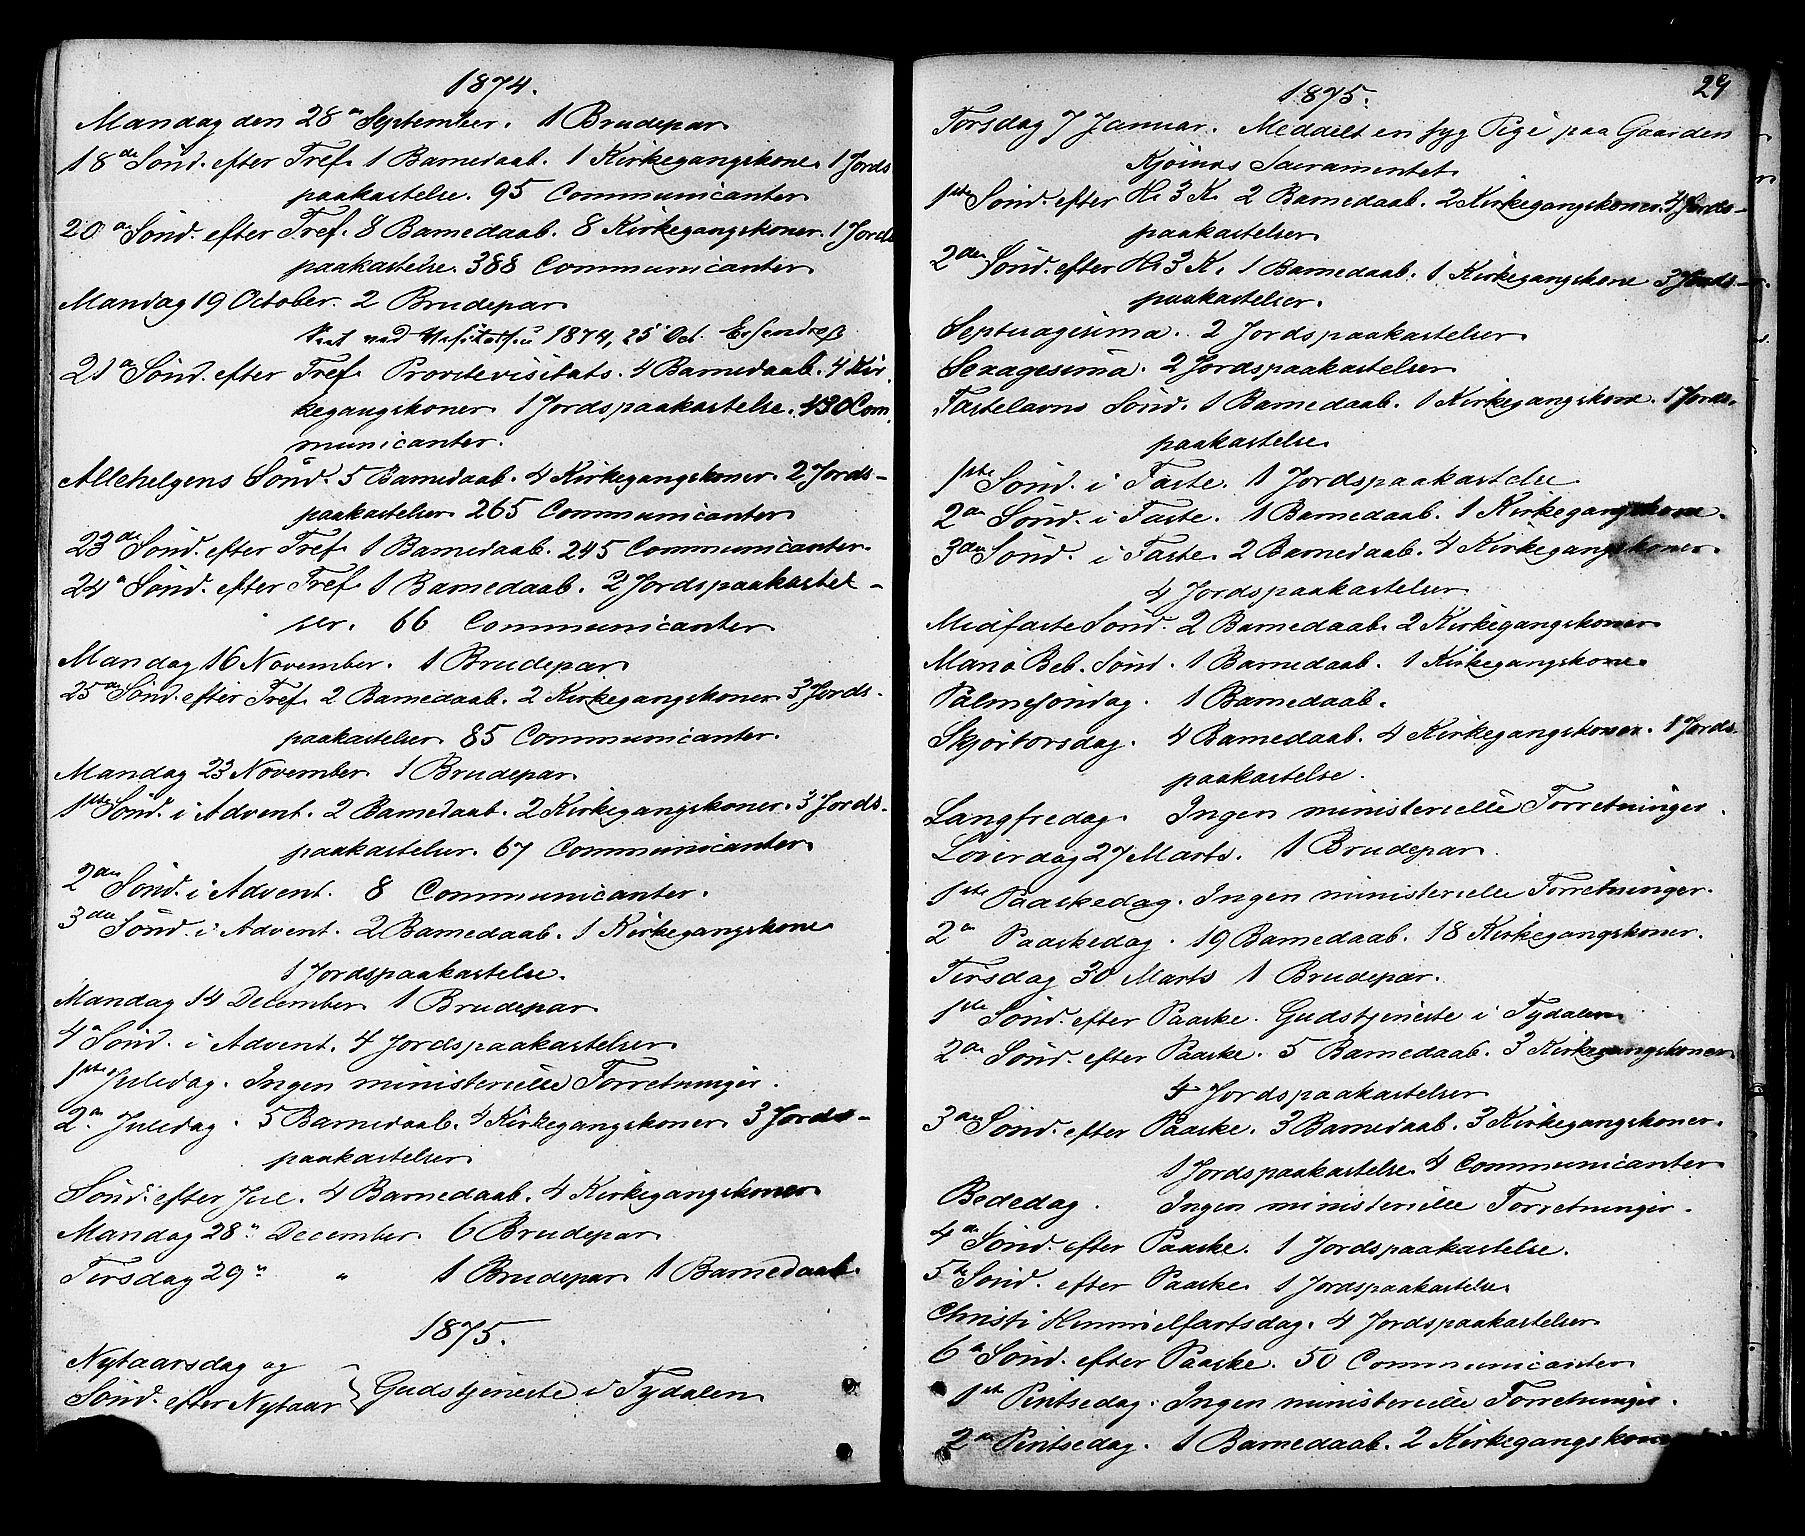 SAT, Ministerialprotokoller, klokkerbøker og fødselsregistre - Sør-Trøndelag, 695/L1147: Ministerialbok nr. 695A07, 1860-1877, s. 29